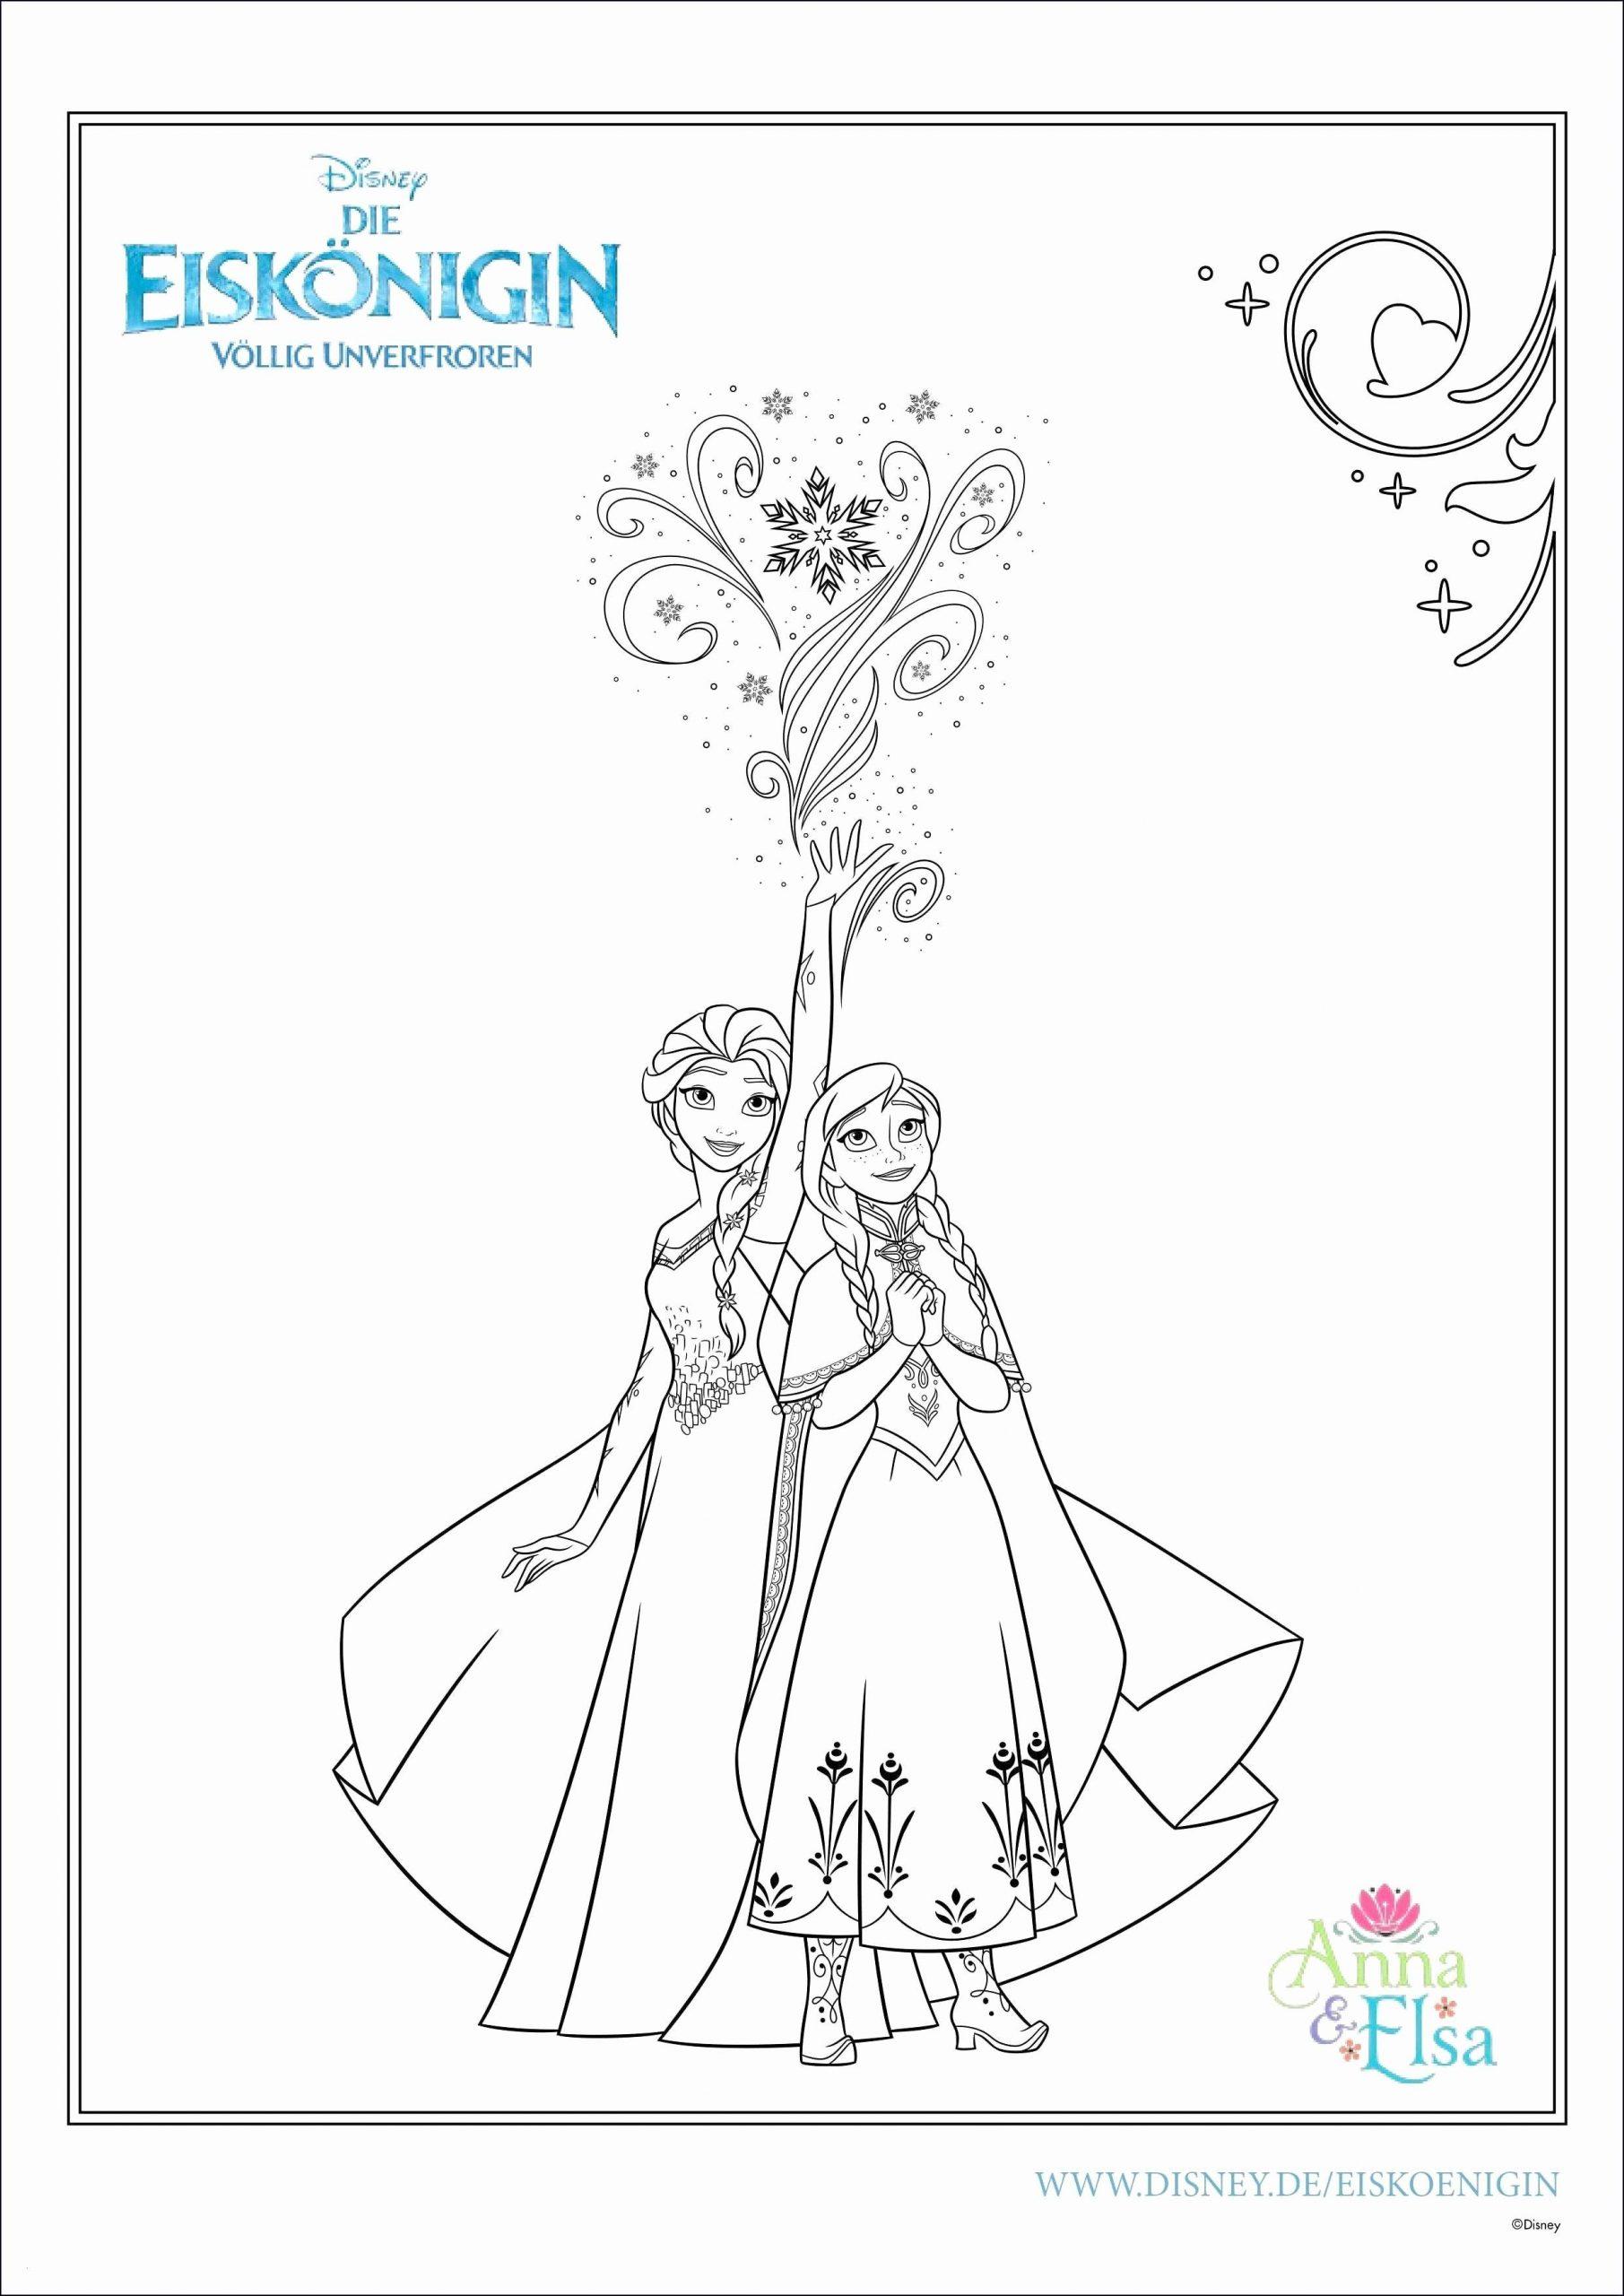 Einzigartig Malvorlagen Zum Ausdrucken Disney In 2020 (Mit innen Anna Und Elsa Ausmalbilder Zum Ausdrucken